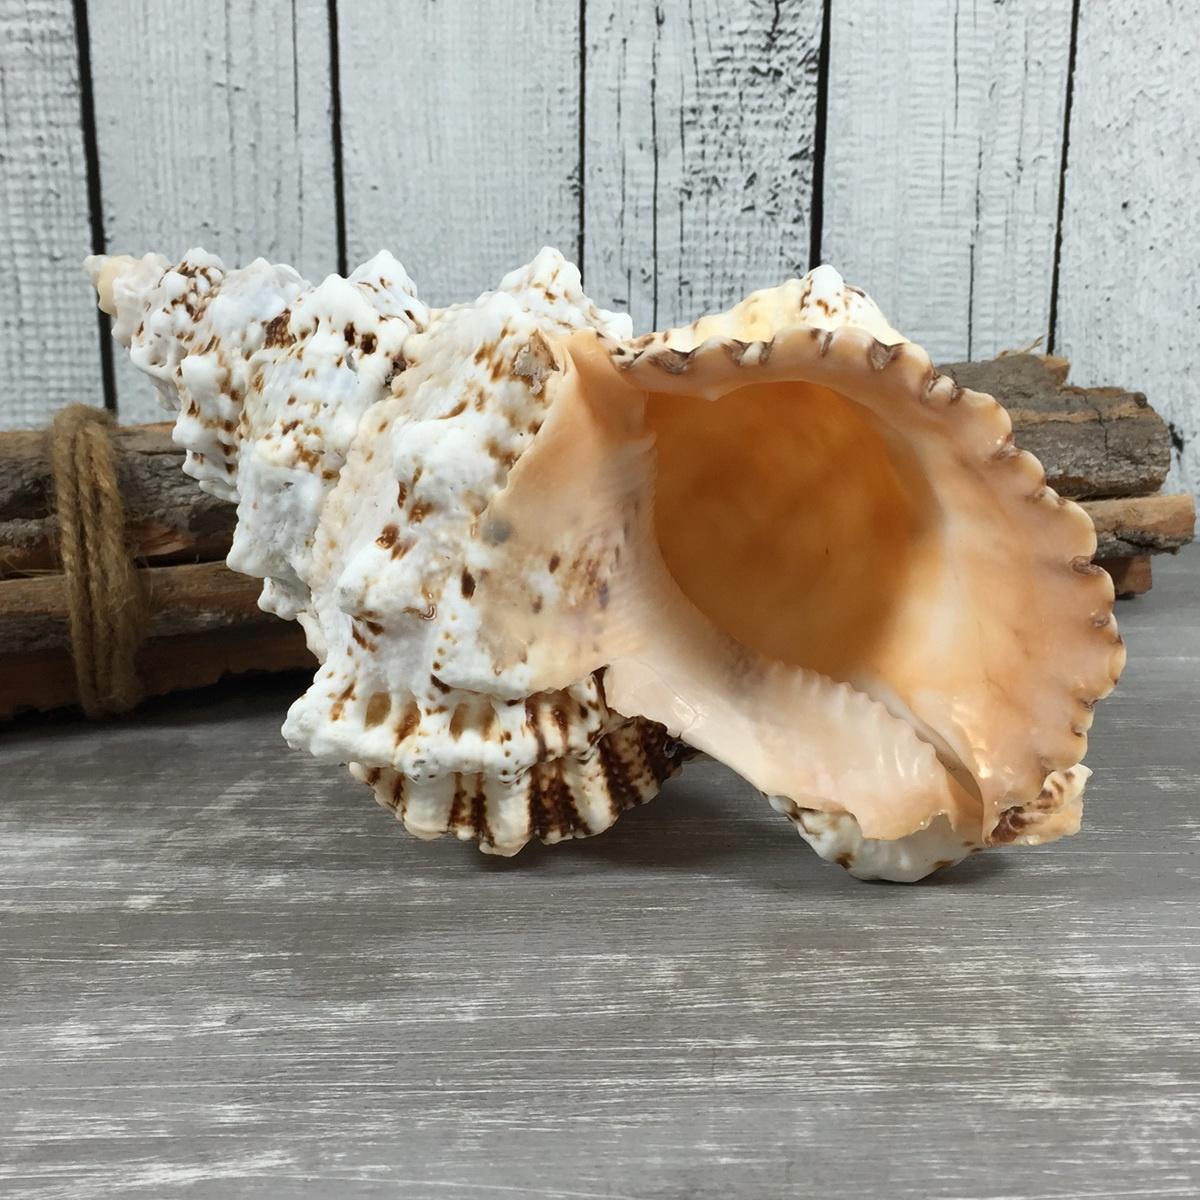 Pro Natürliche Groß Riesenmuschel Trompete echte Muschel Meeresschnecke